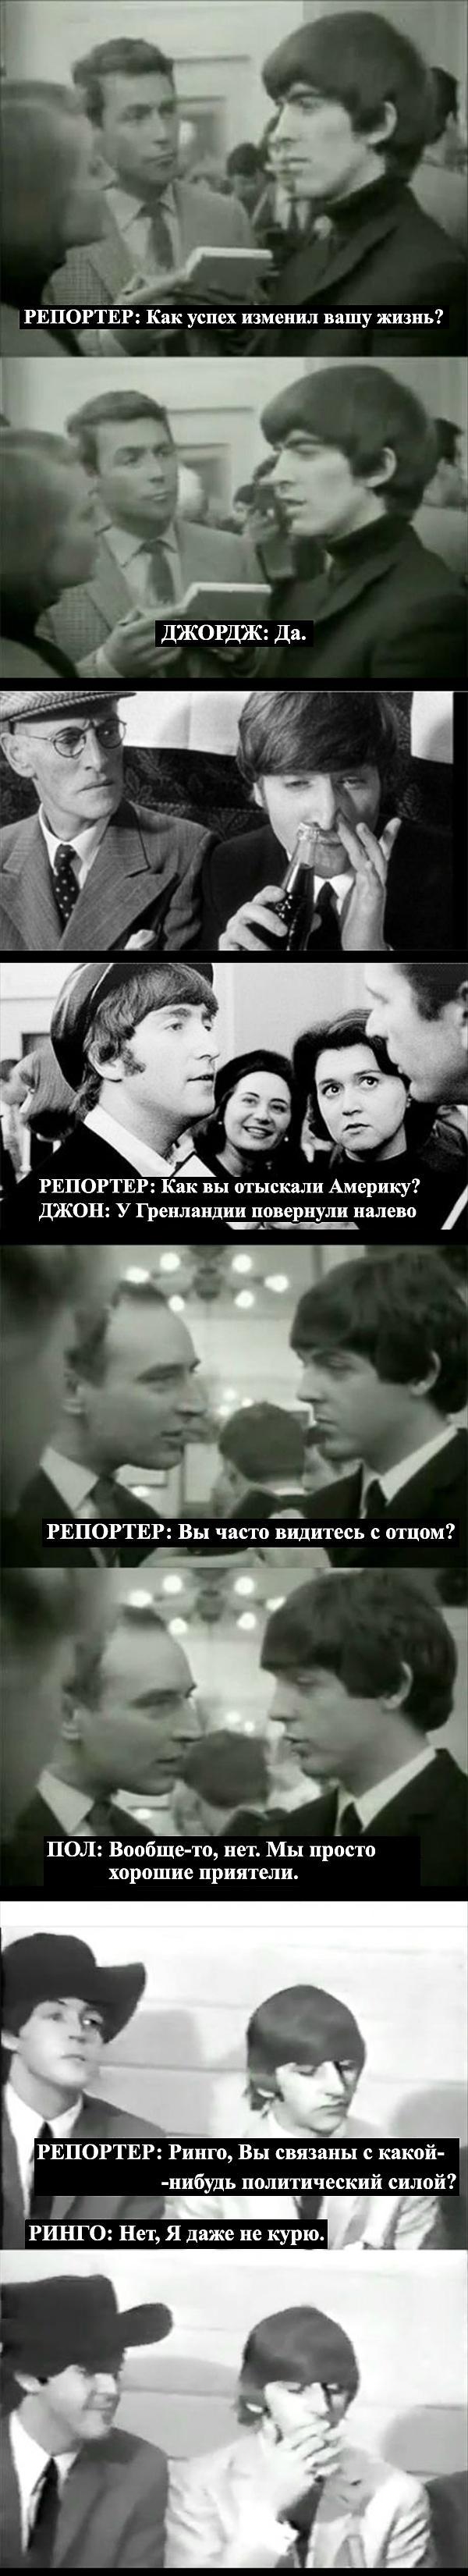 битлоюмор_1